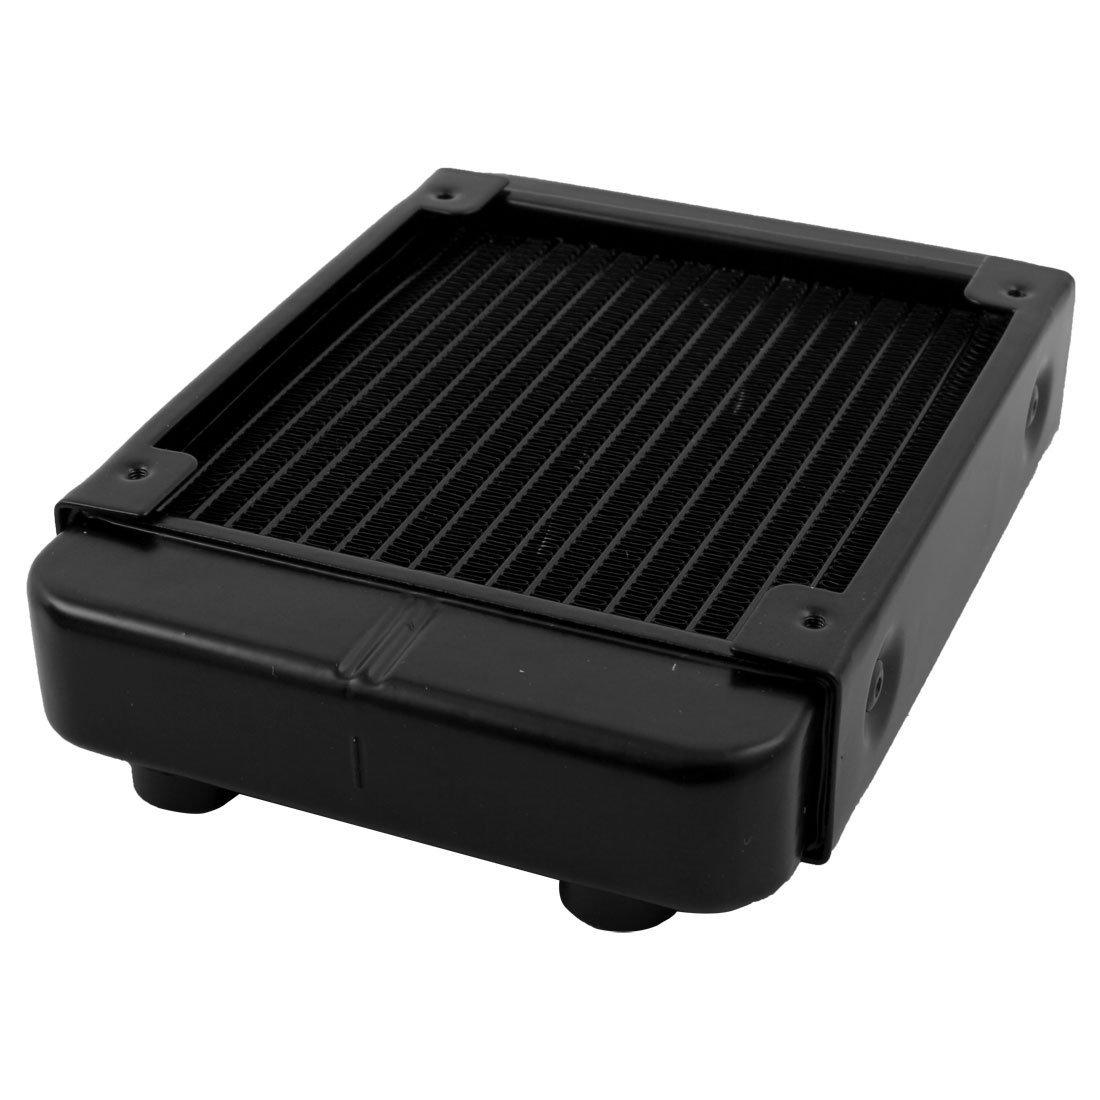 Amazon.com: eDealMax CPU del ordenador 18 aluminio tuberías de agua de refrigeración Intercambiador de calor del radiador de 120mm Negro: Electronics